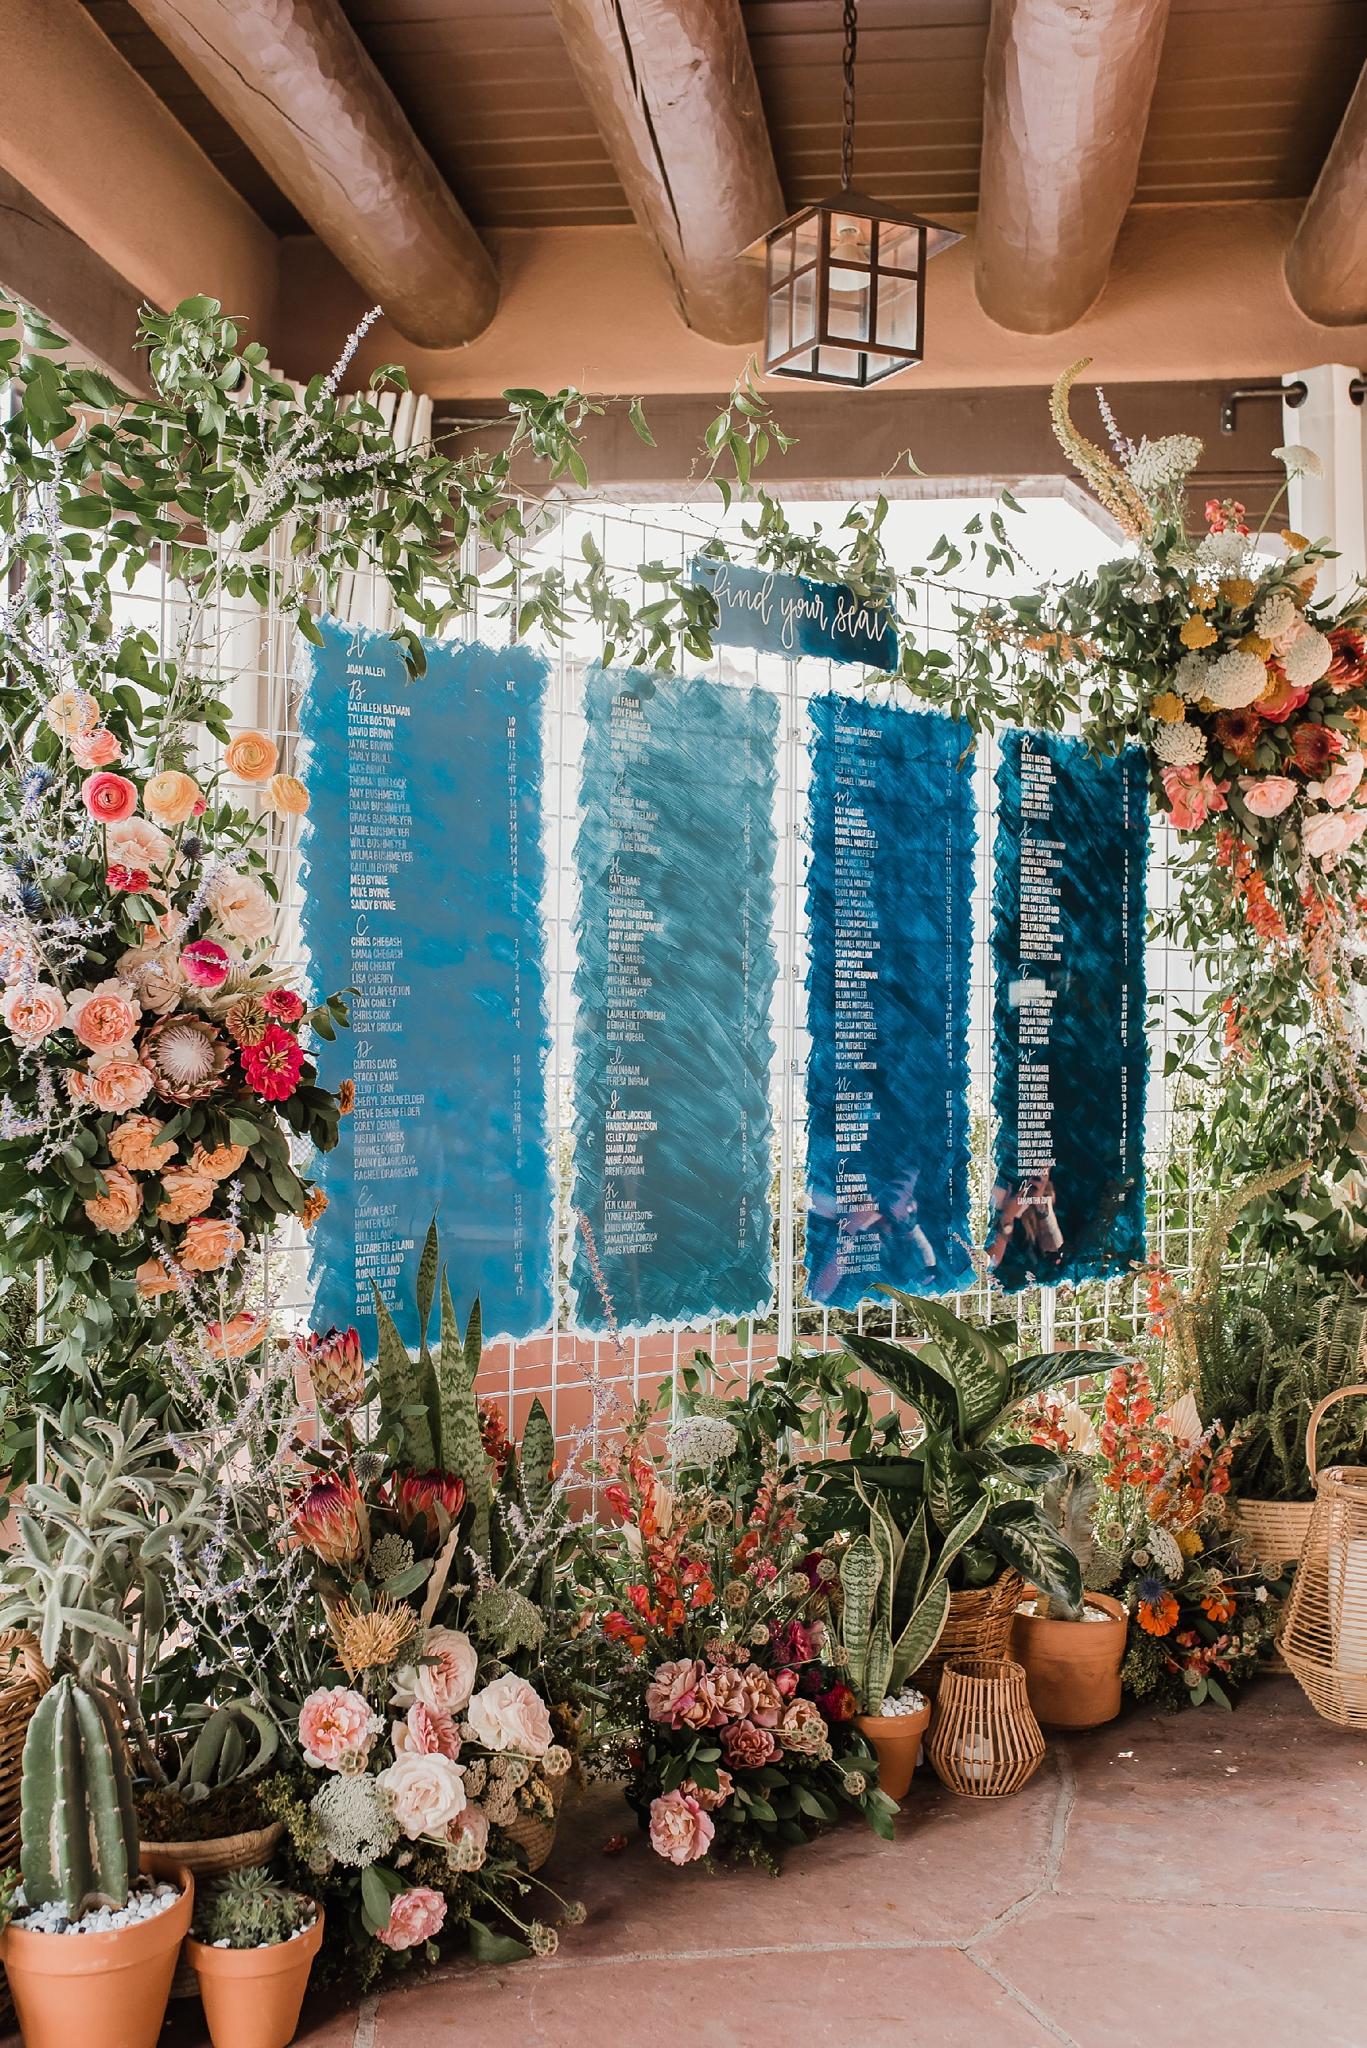 Alicia+lucia+photography+-+albuquerque+wedding+photographer+-+santa+fe+wedding+photography+-+new+mexico+wedding+photographer+-+new+mexico+wedding+-+summer+wedding+-+summer+wedding+florals+-+southwest+wedding_0079.jpg